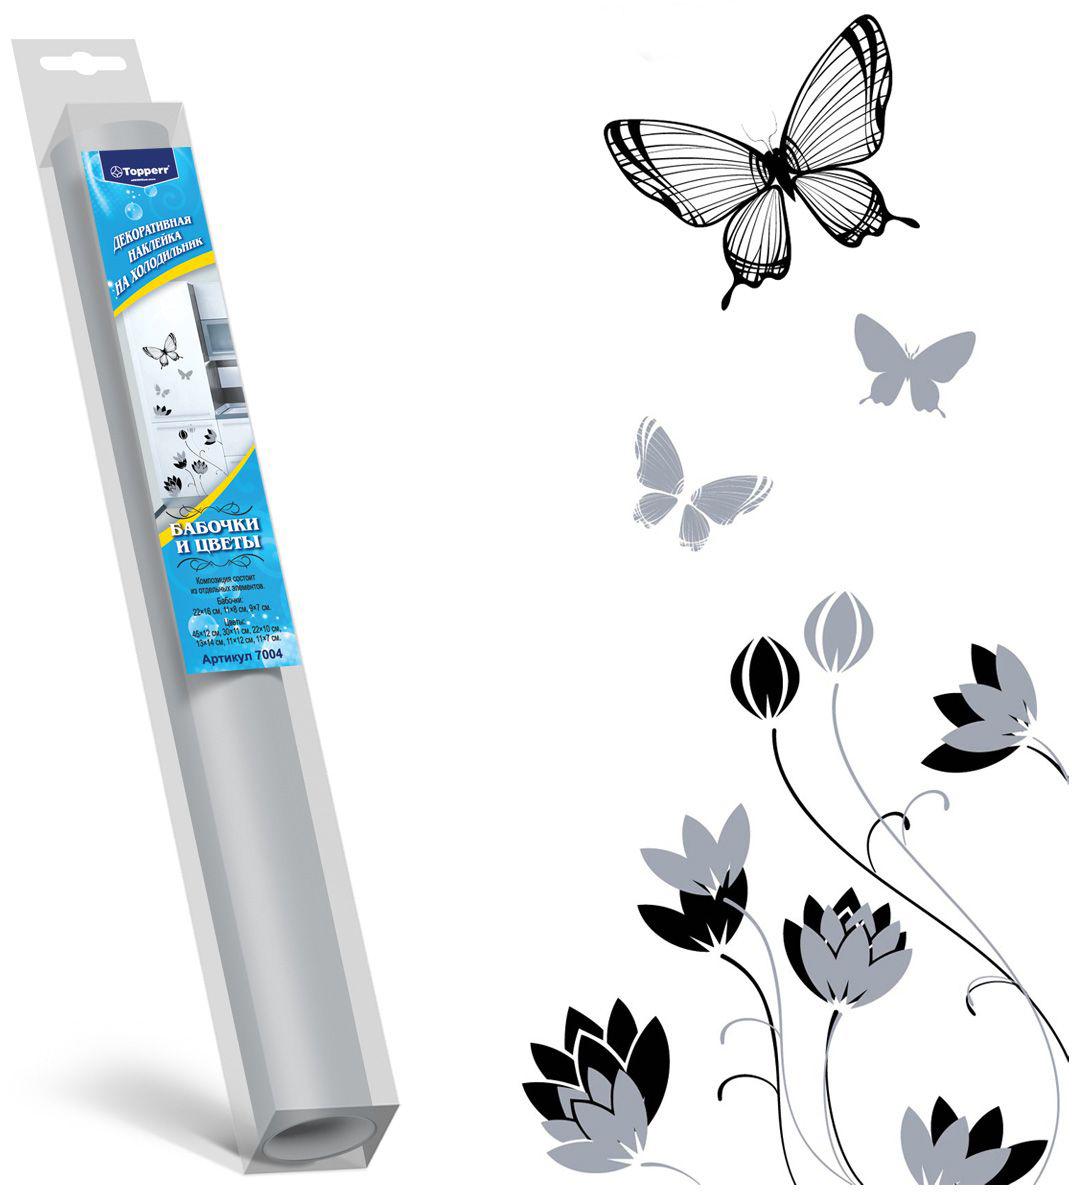 Наклейка для интерьера Topperr Бабочки и цветы7004Наклейка для стен и предметов интерьера Topperr Бабочки и цветы, изготовленная из экологически безопасной самоклеящейся виниловой пленки - это удивительно простой и быстрый способ оживить интерьер помещения. Композиция состоит из отдельных элементов. Интерьерные наклейки дадут вам вдохновение, которое изменит вашу жизнь и поможет погрузиться в мир ярких красок, фантазий и творчества. Для вас открываются безграничные возможности придумать оригинальный дизайн и придать новый вид стенам и мебели. Наклейки абсолютно безопасны для здоровья. Они быстро и легко наклеиваются на любые ровные поверхности: стены, окна, двери, кафельную плитку, виниловые и флизелиновые обои, стекла, мебель. При необходимости удобно снимаются, не оставляют следов и не повреждают поверхность (кроме бумажных обоев). Наклейка Topperr Бабочки и цветы поможет вам изменить интерьер вокруг себя: в детской комнате и гостиной, на кухне и в прихожей, витрину кафе и магазина, детский садик и офис. ...